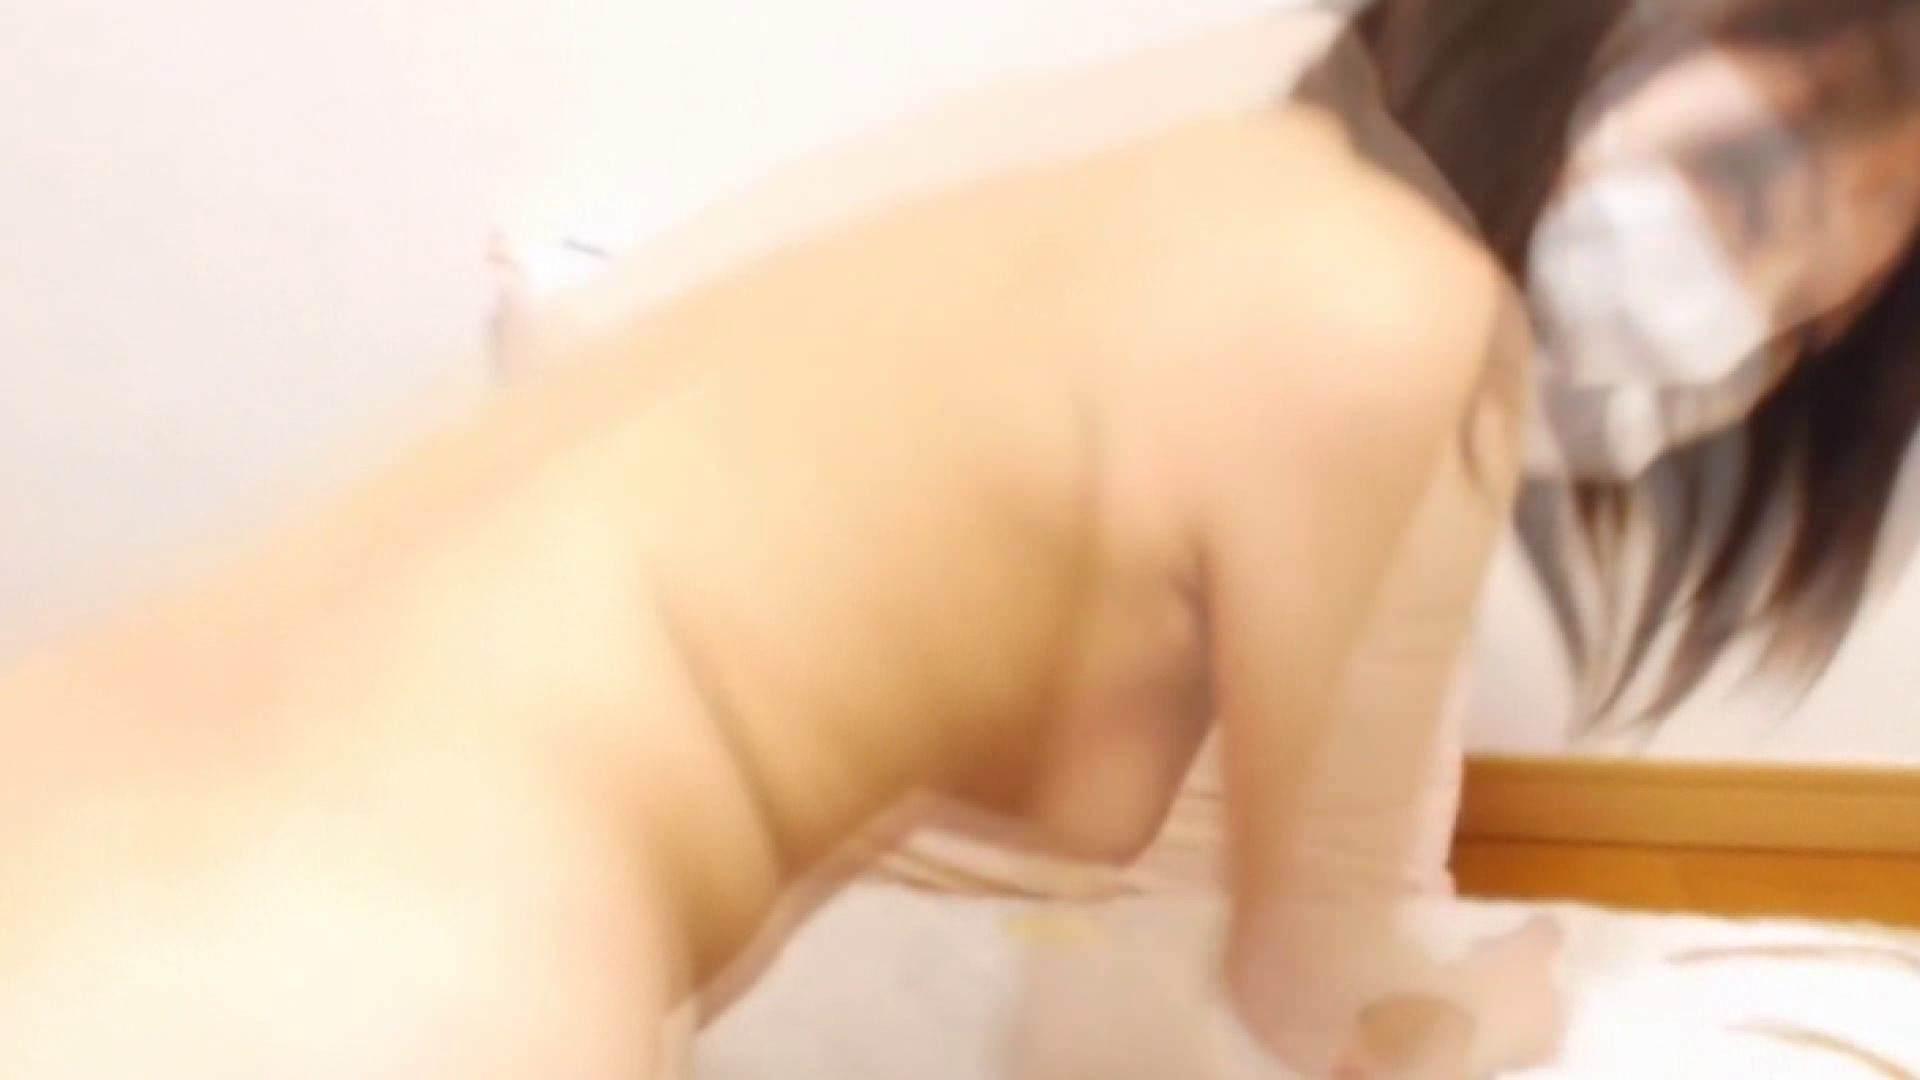 おしえてギャル子のH塾 Vol.07 前編 一般投稿 オマンコ無修正動画無料 106pic 45